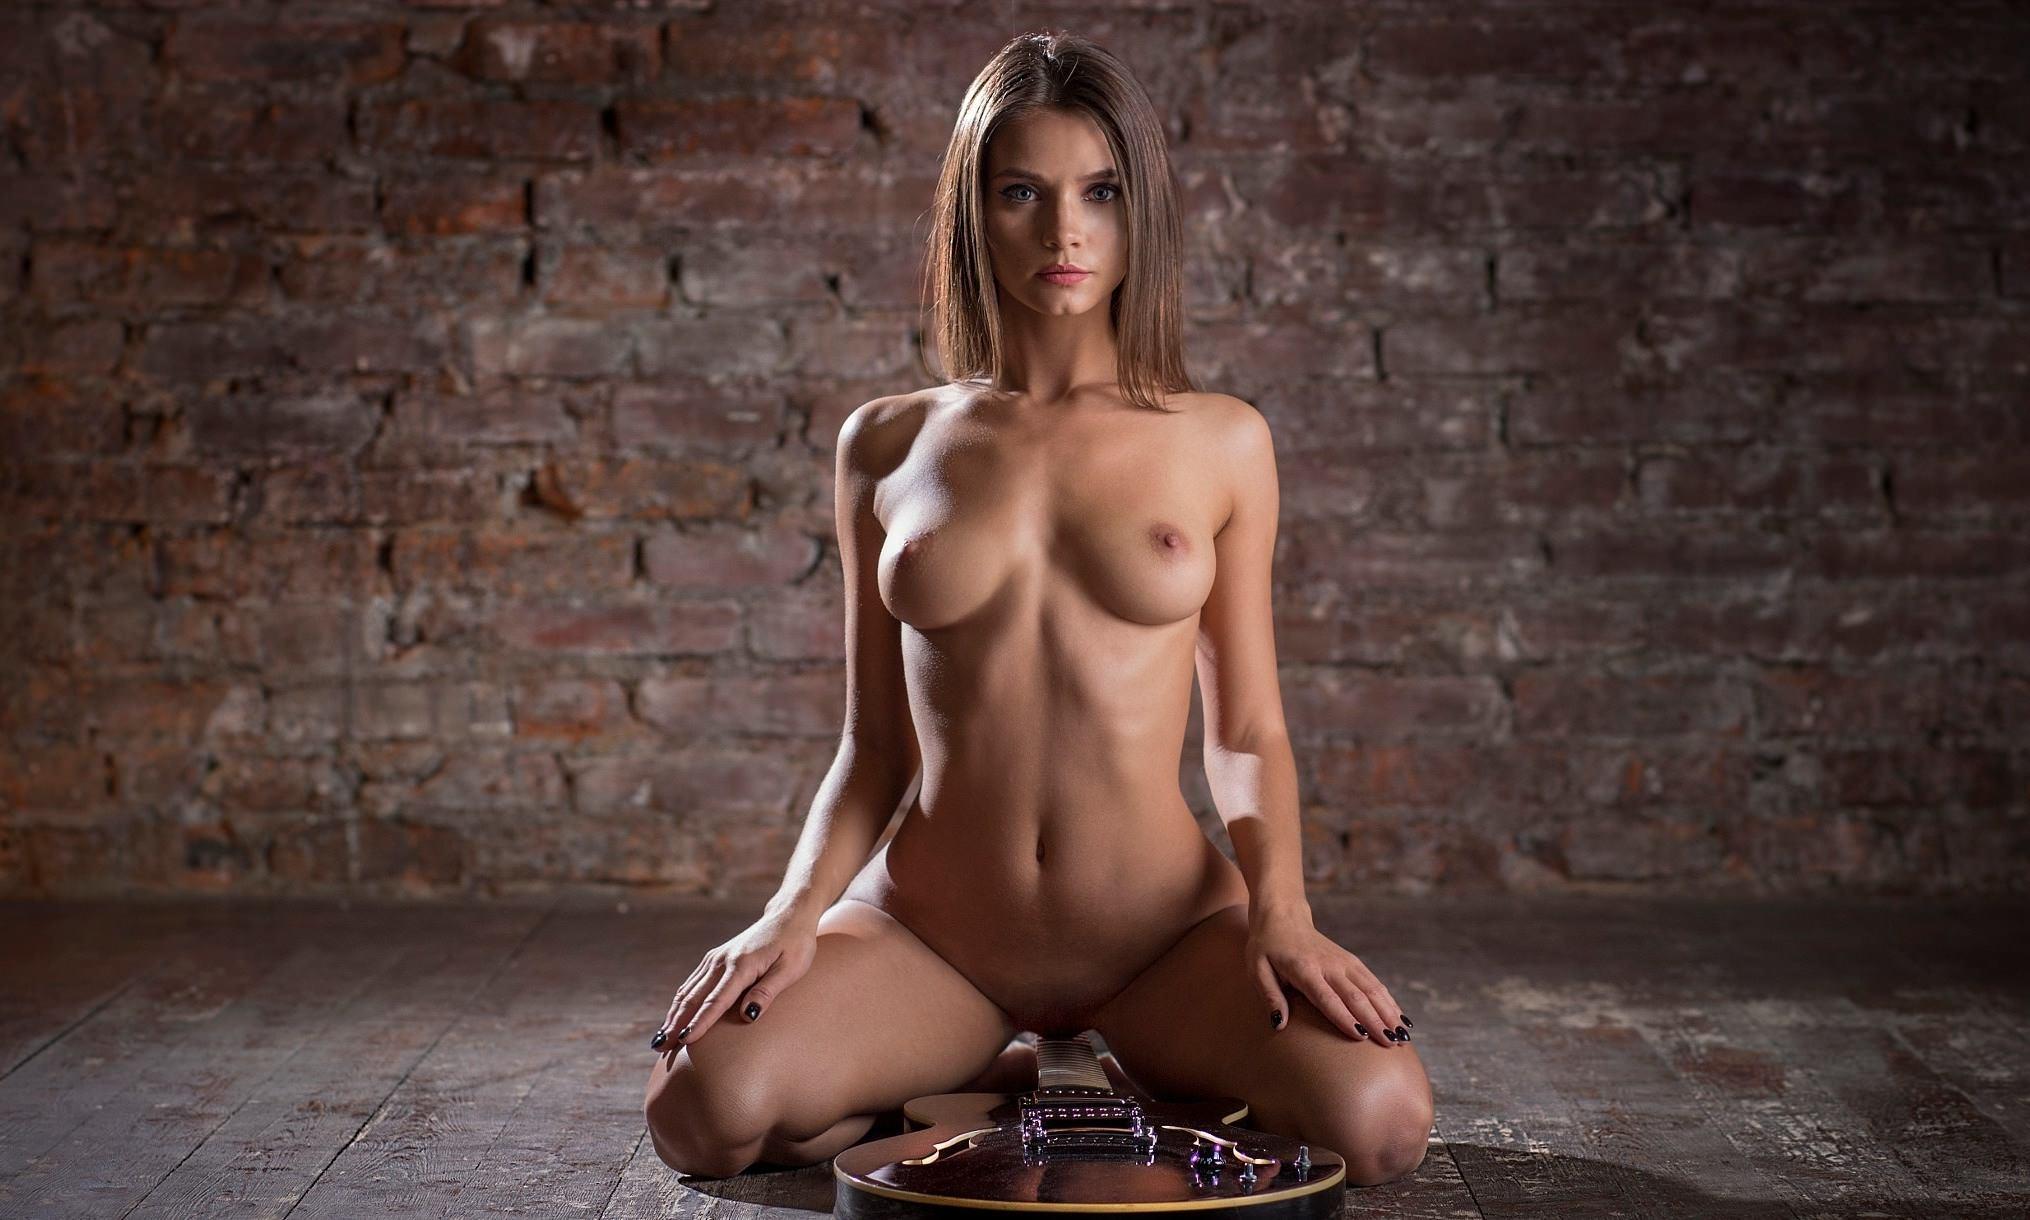 Фото Голая девушка села пиздой на гриф гитары, скачать картинку бесплатно